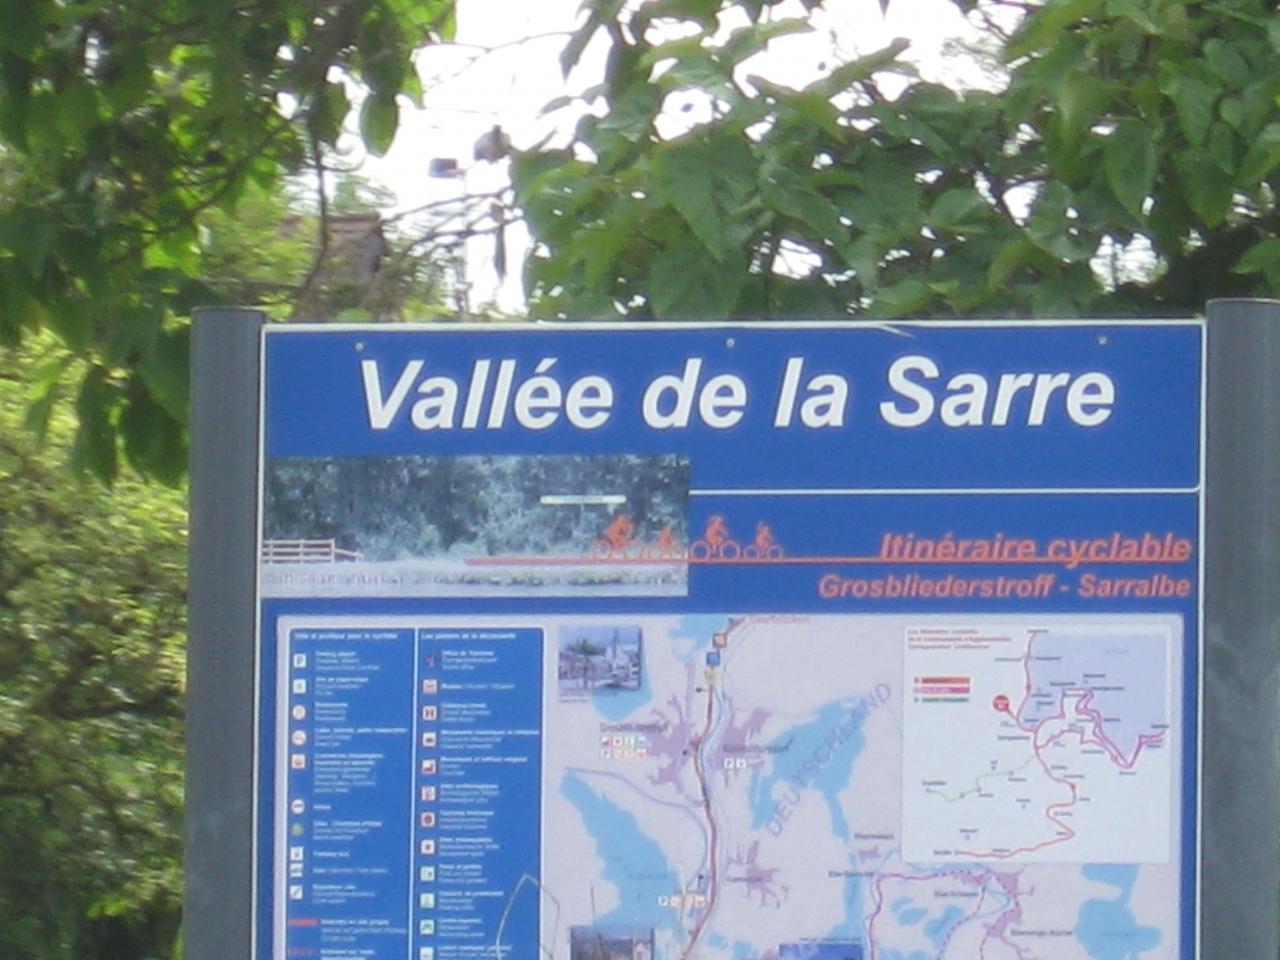 VALLÉE DE LA SARRE